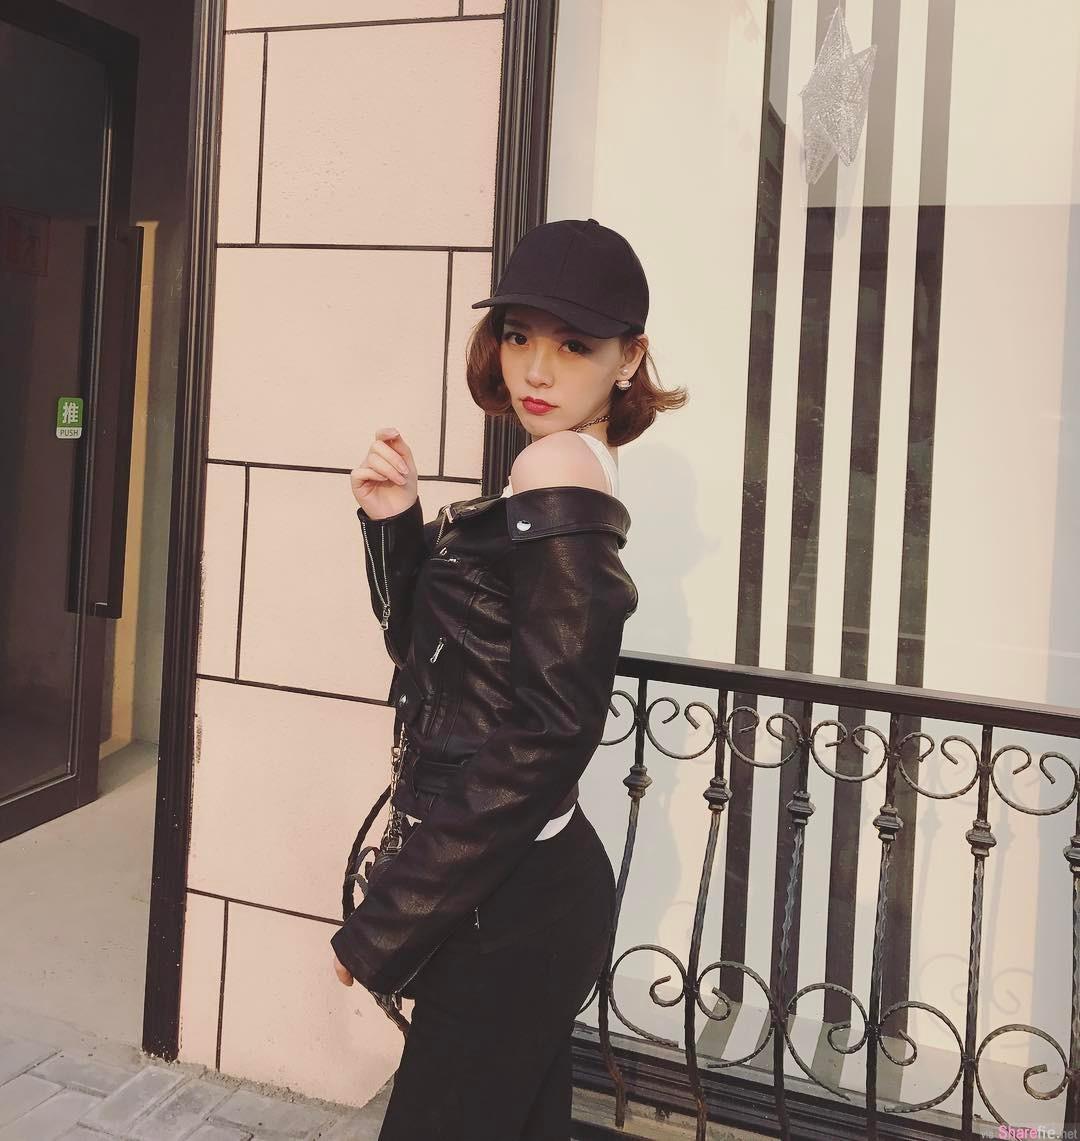 海外留学正妹 dreambabee 甜美可爱 身材超凶悍